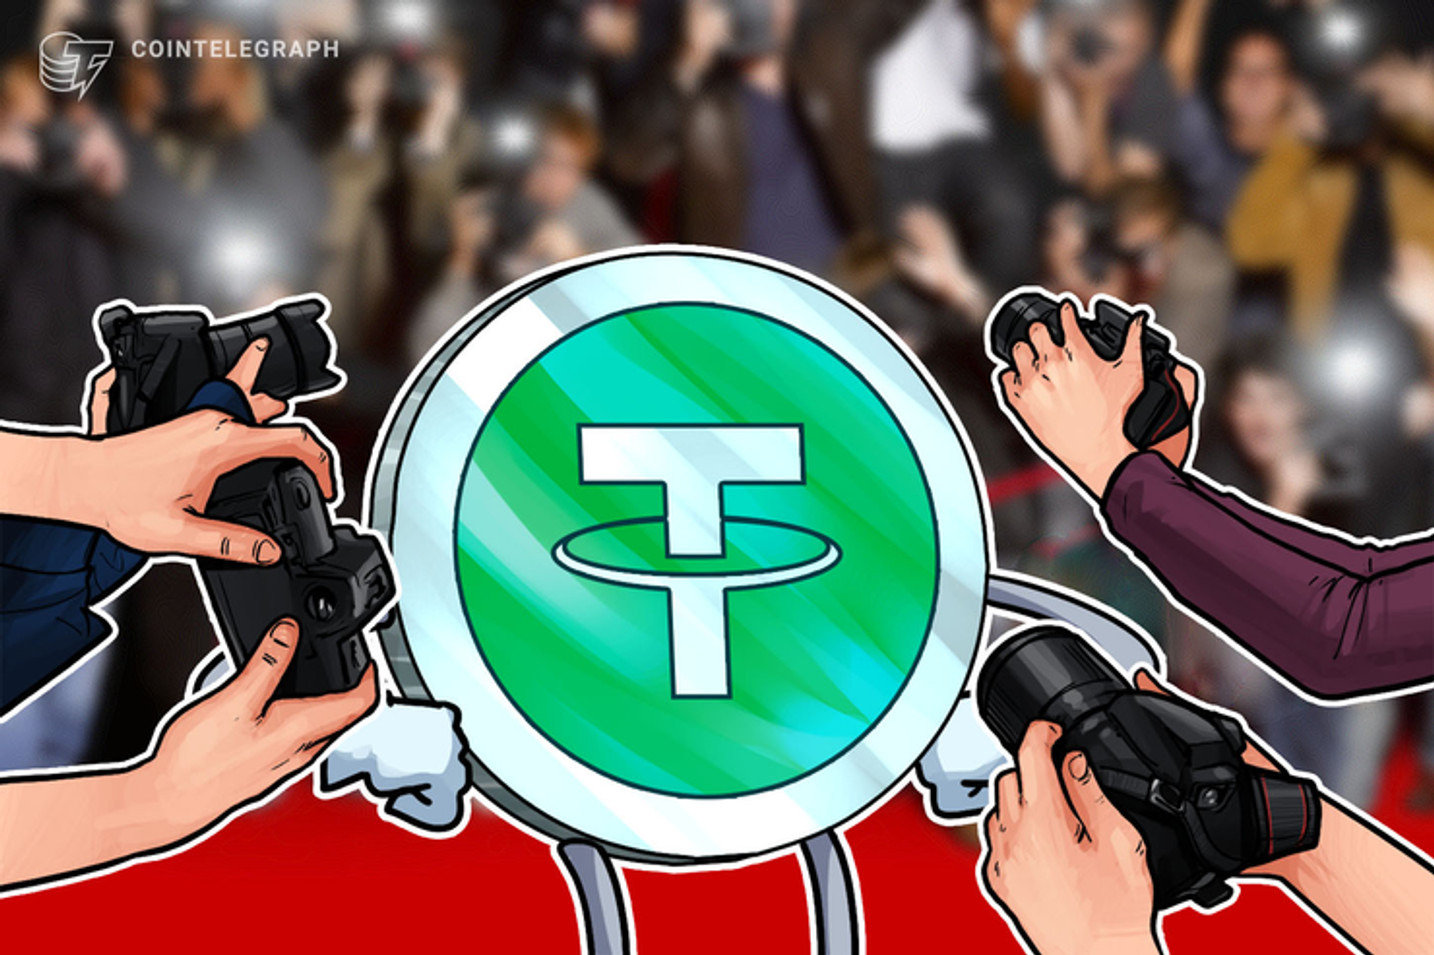 Transferencia de 200 millones de dólares en Tether llama la atención y puede mover el mercado de criptomonedas